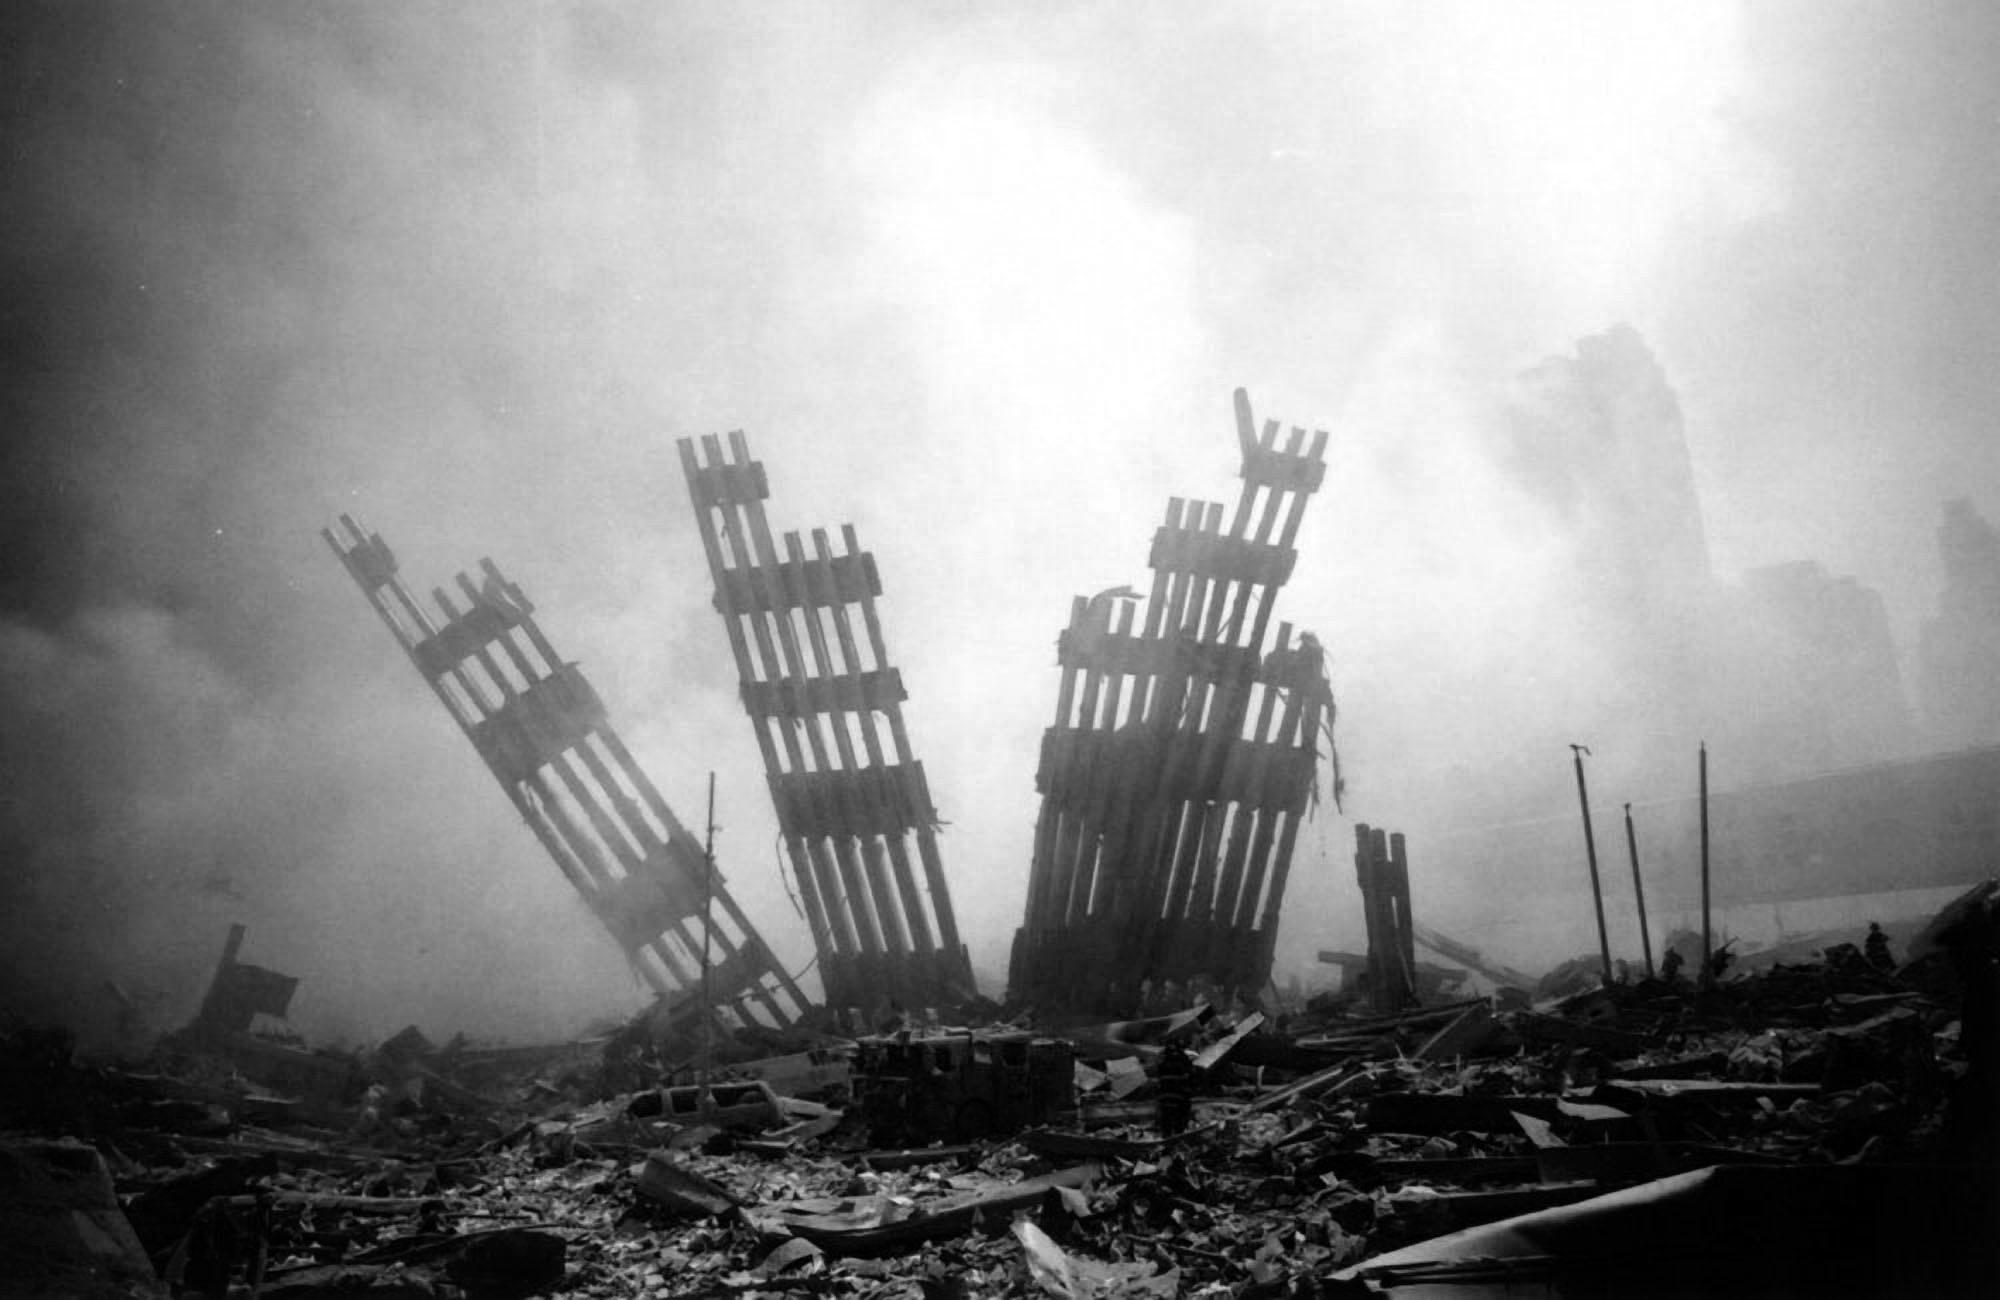 Kế hoạch kỳ diệu của Chúa dành cho một gia đình người Mỹ trong ngày 11/9